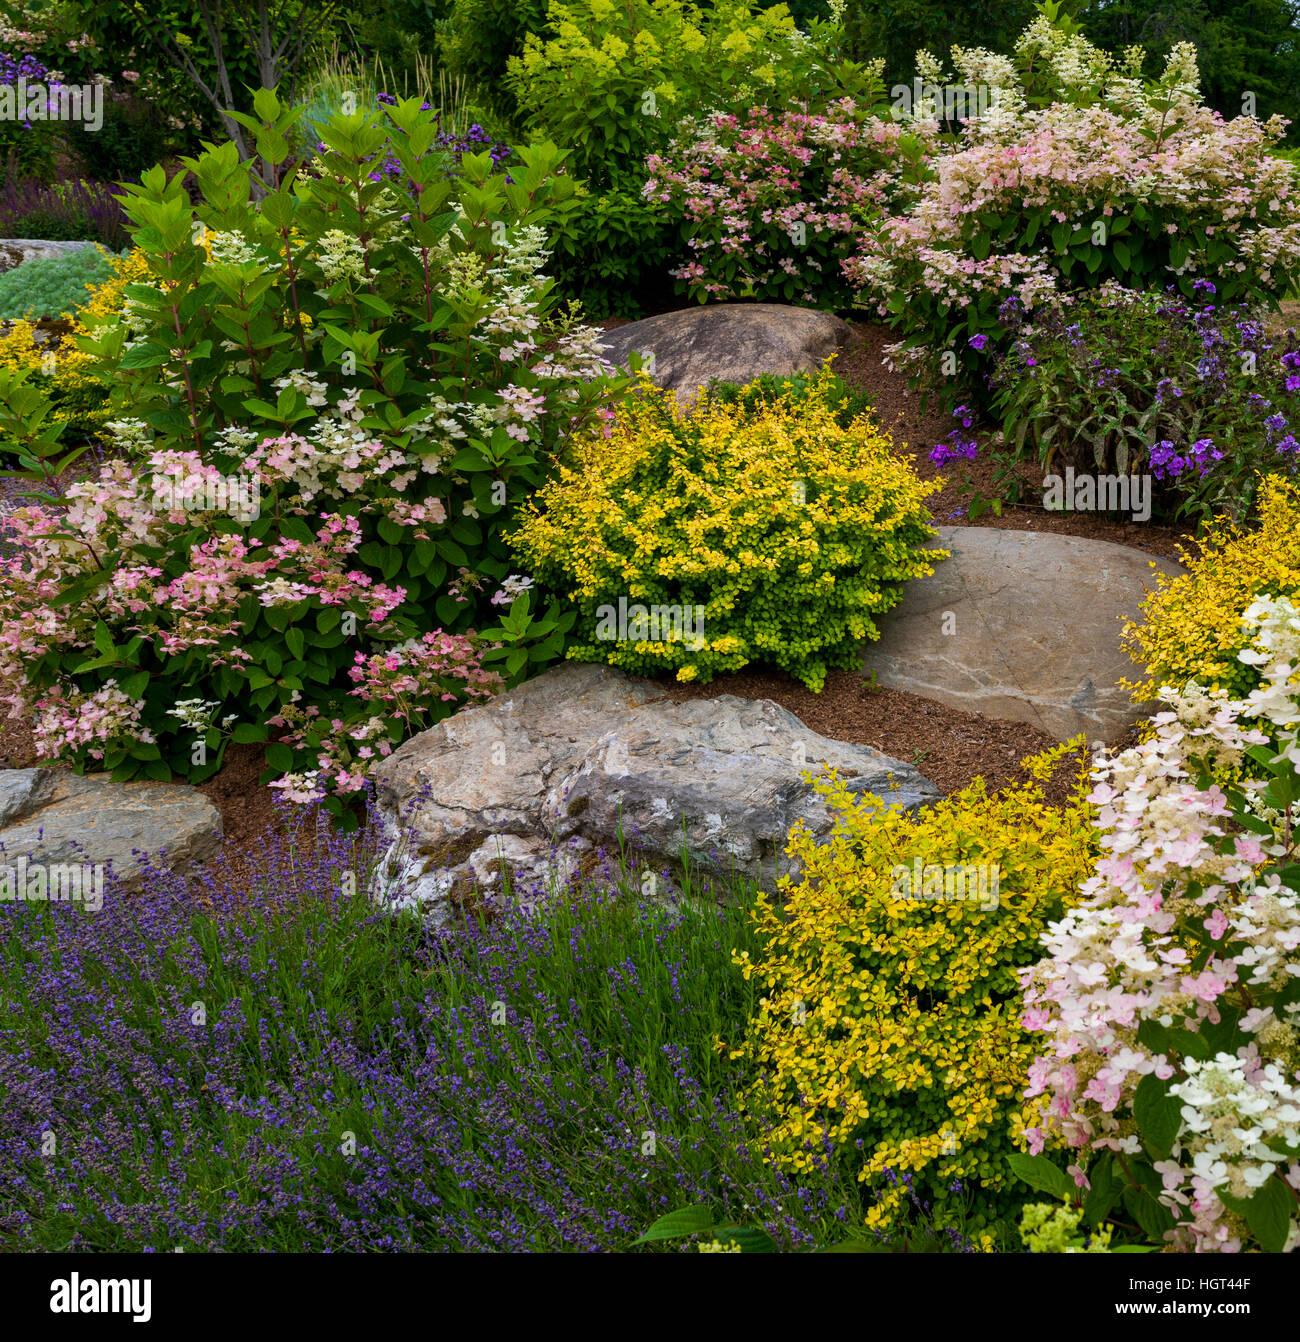 Fiori Da Giardino Roccioso giardino roccioso con piante fiorite, quebec, canada foto